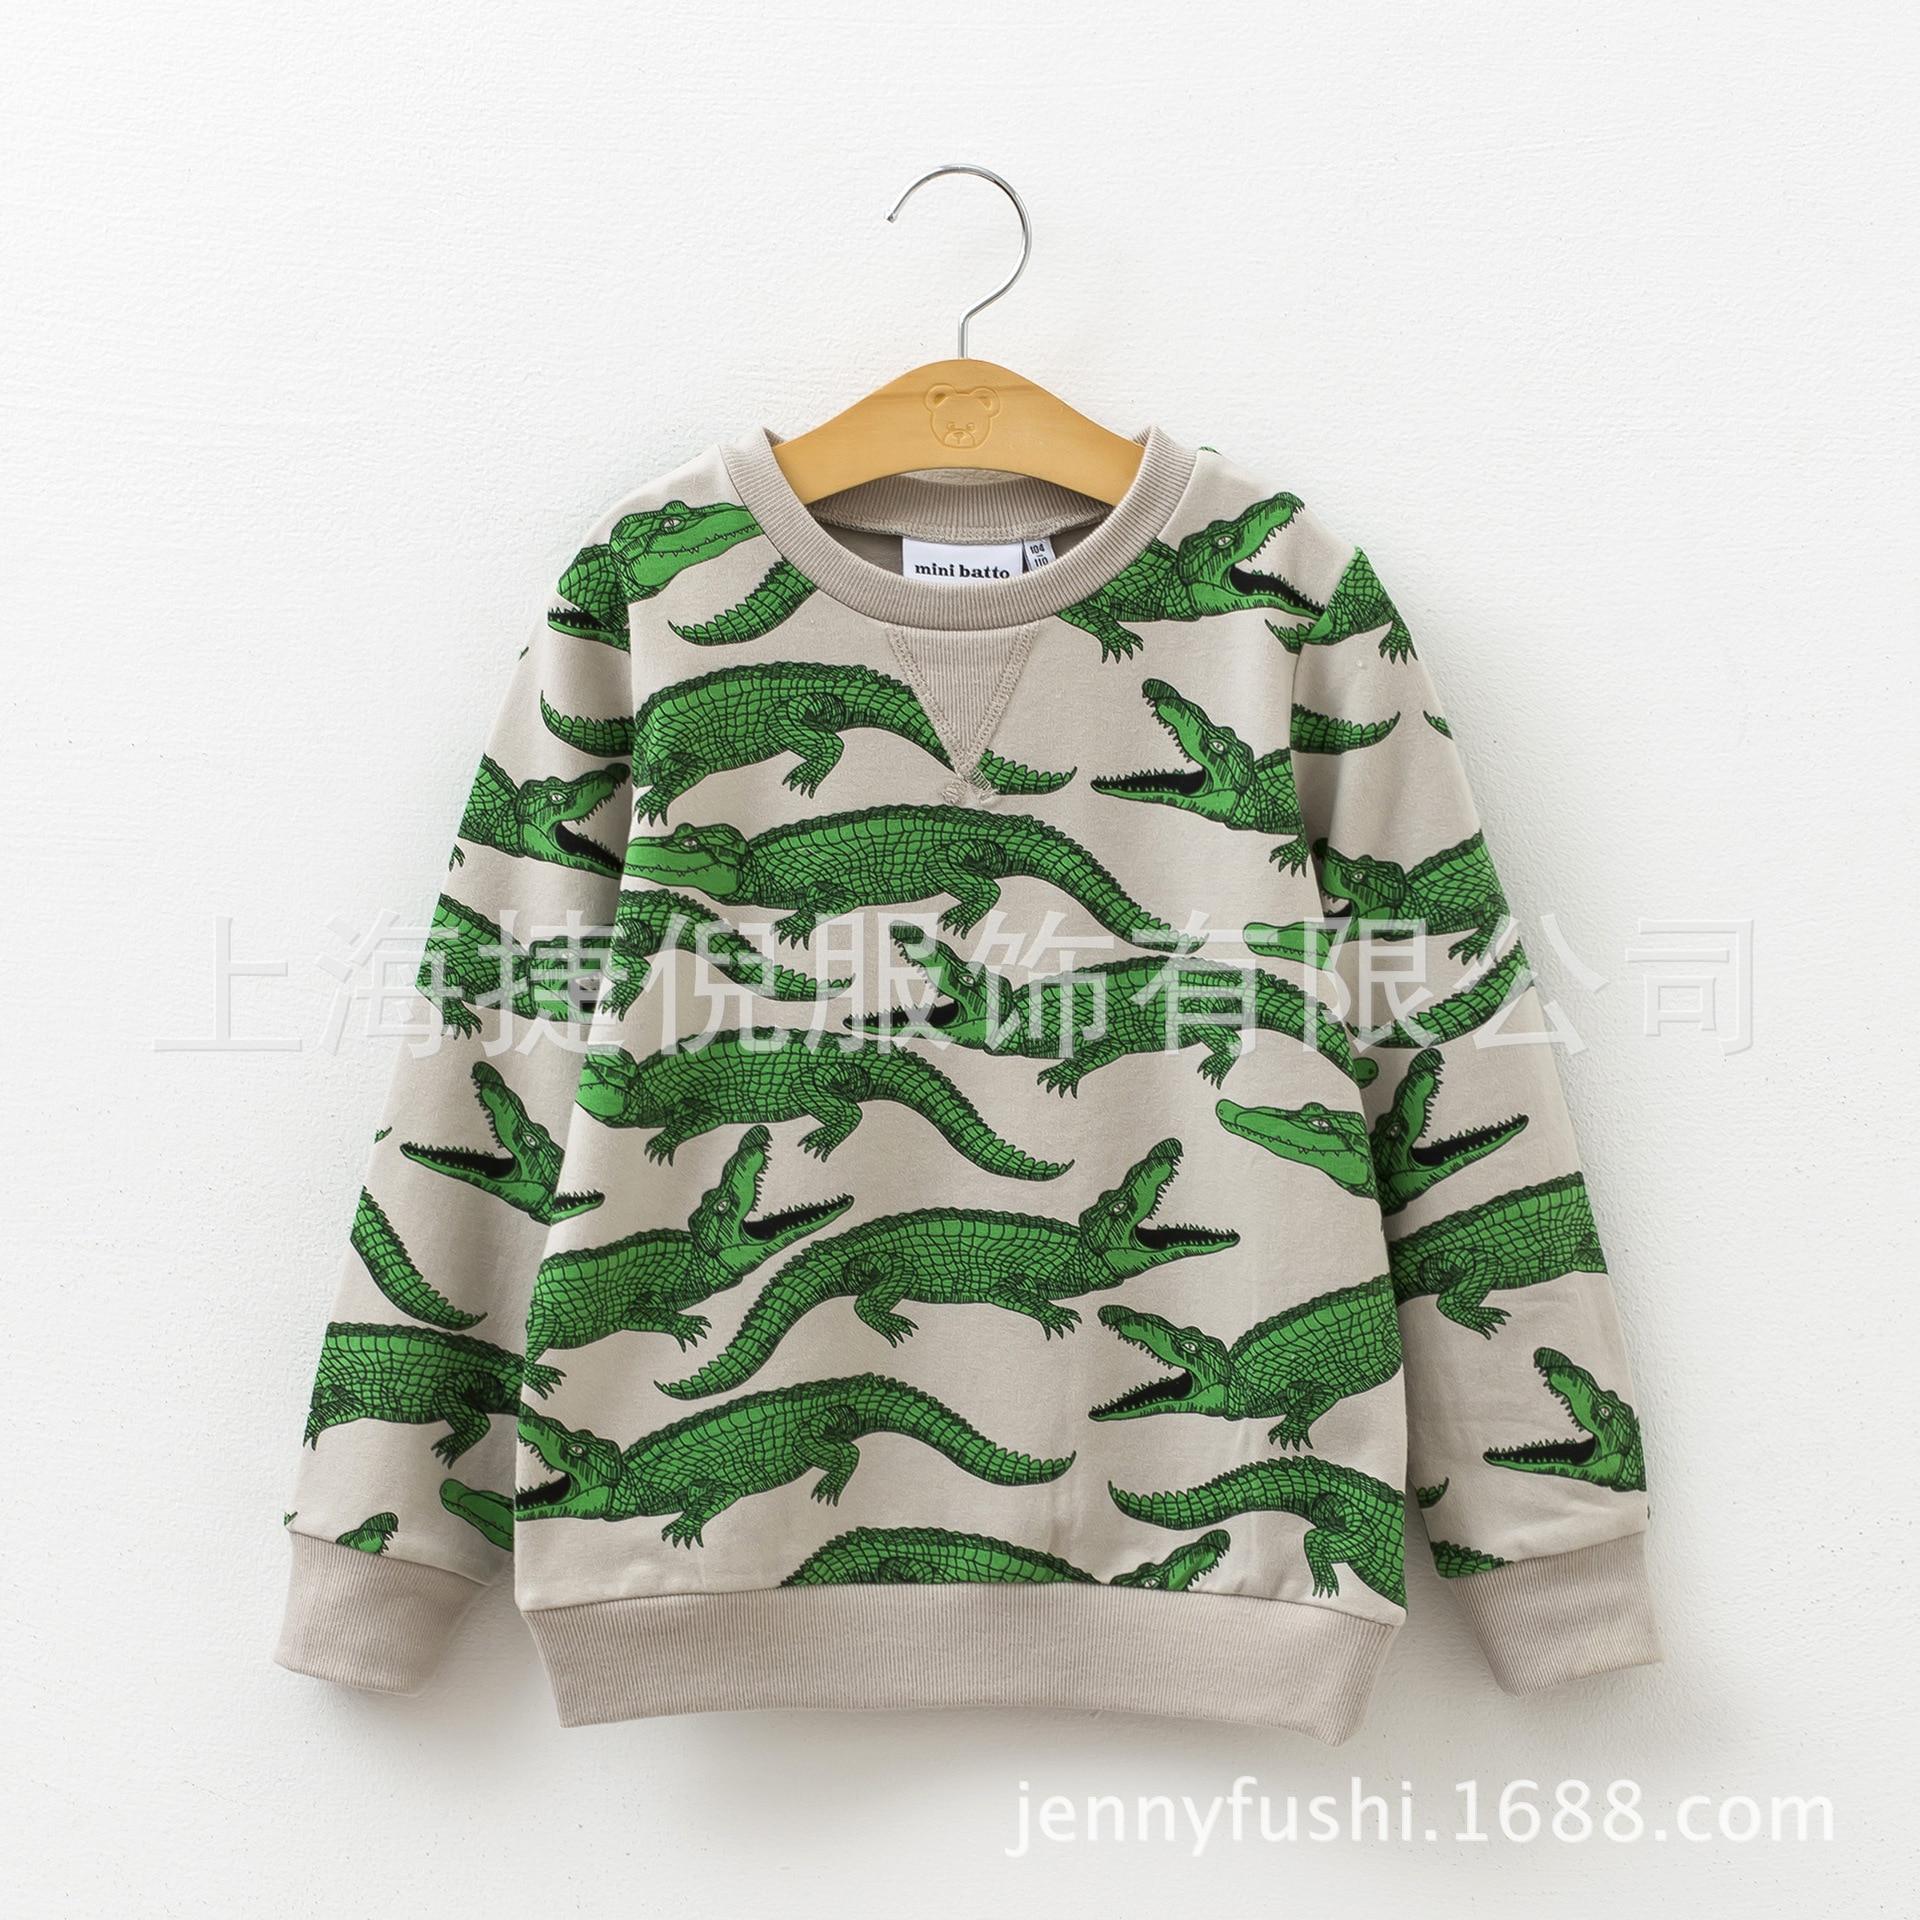 móda chlapecké dívky Hoodies Dětské tričko s dlouhým rukávem Plné krokodýly Tisk Bavlněné dětské svetry Podzimní zimní oblečení odpovídající